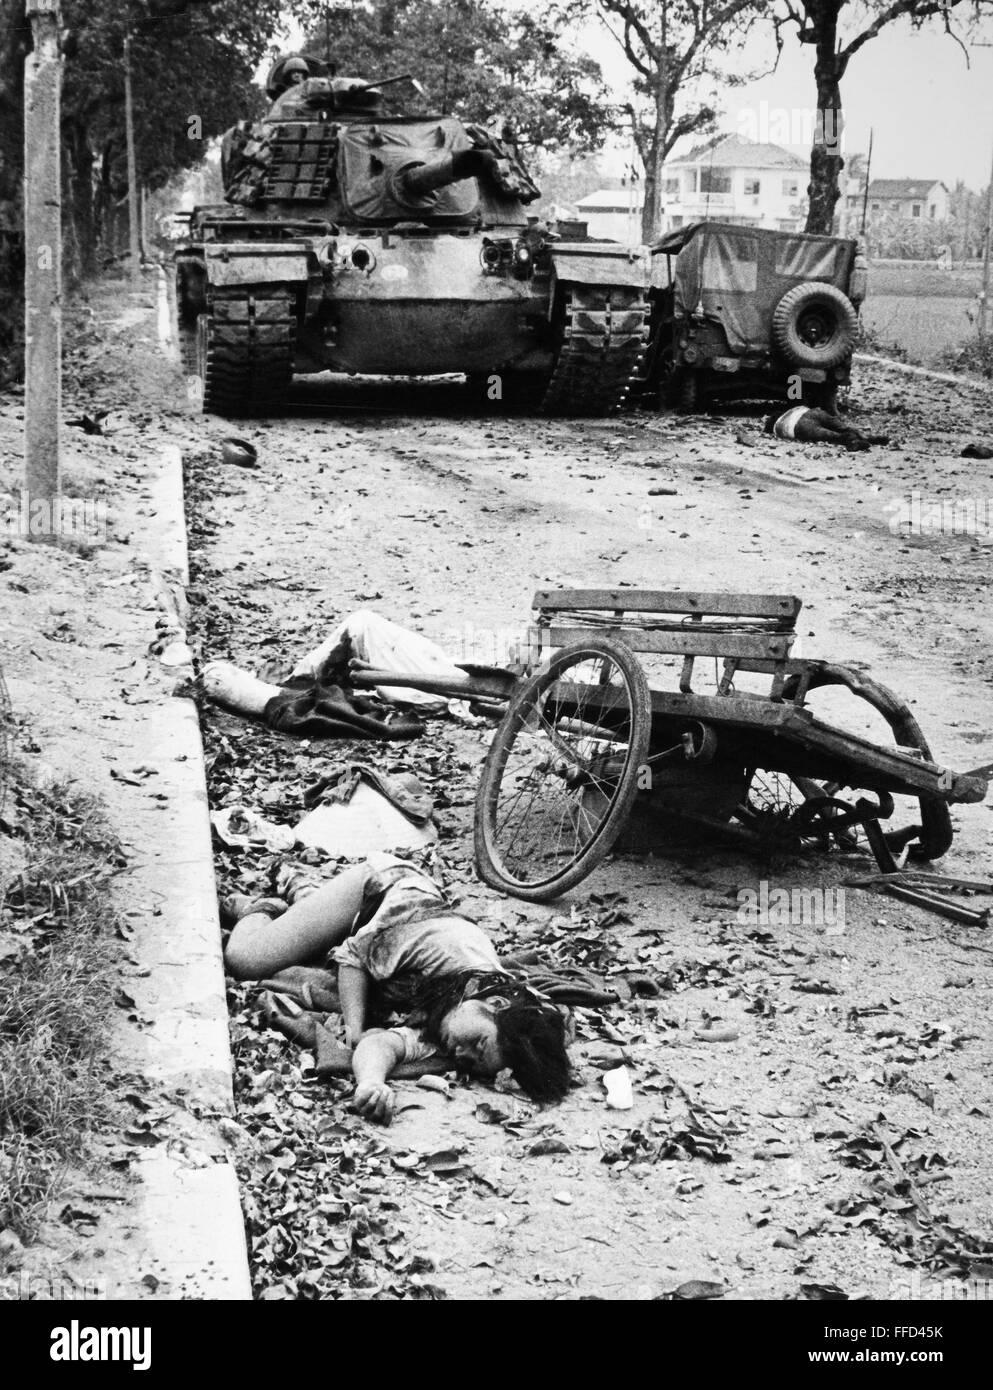 Vietnam War 1954-1975 Vietnam-war-hue-1968-nan-american-tank-passes-the-bodies-of-dead-vietnamese-FFD45K